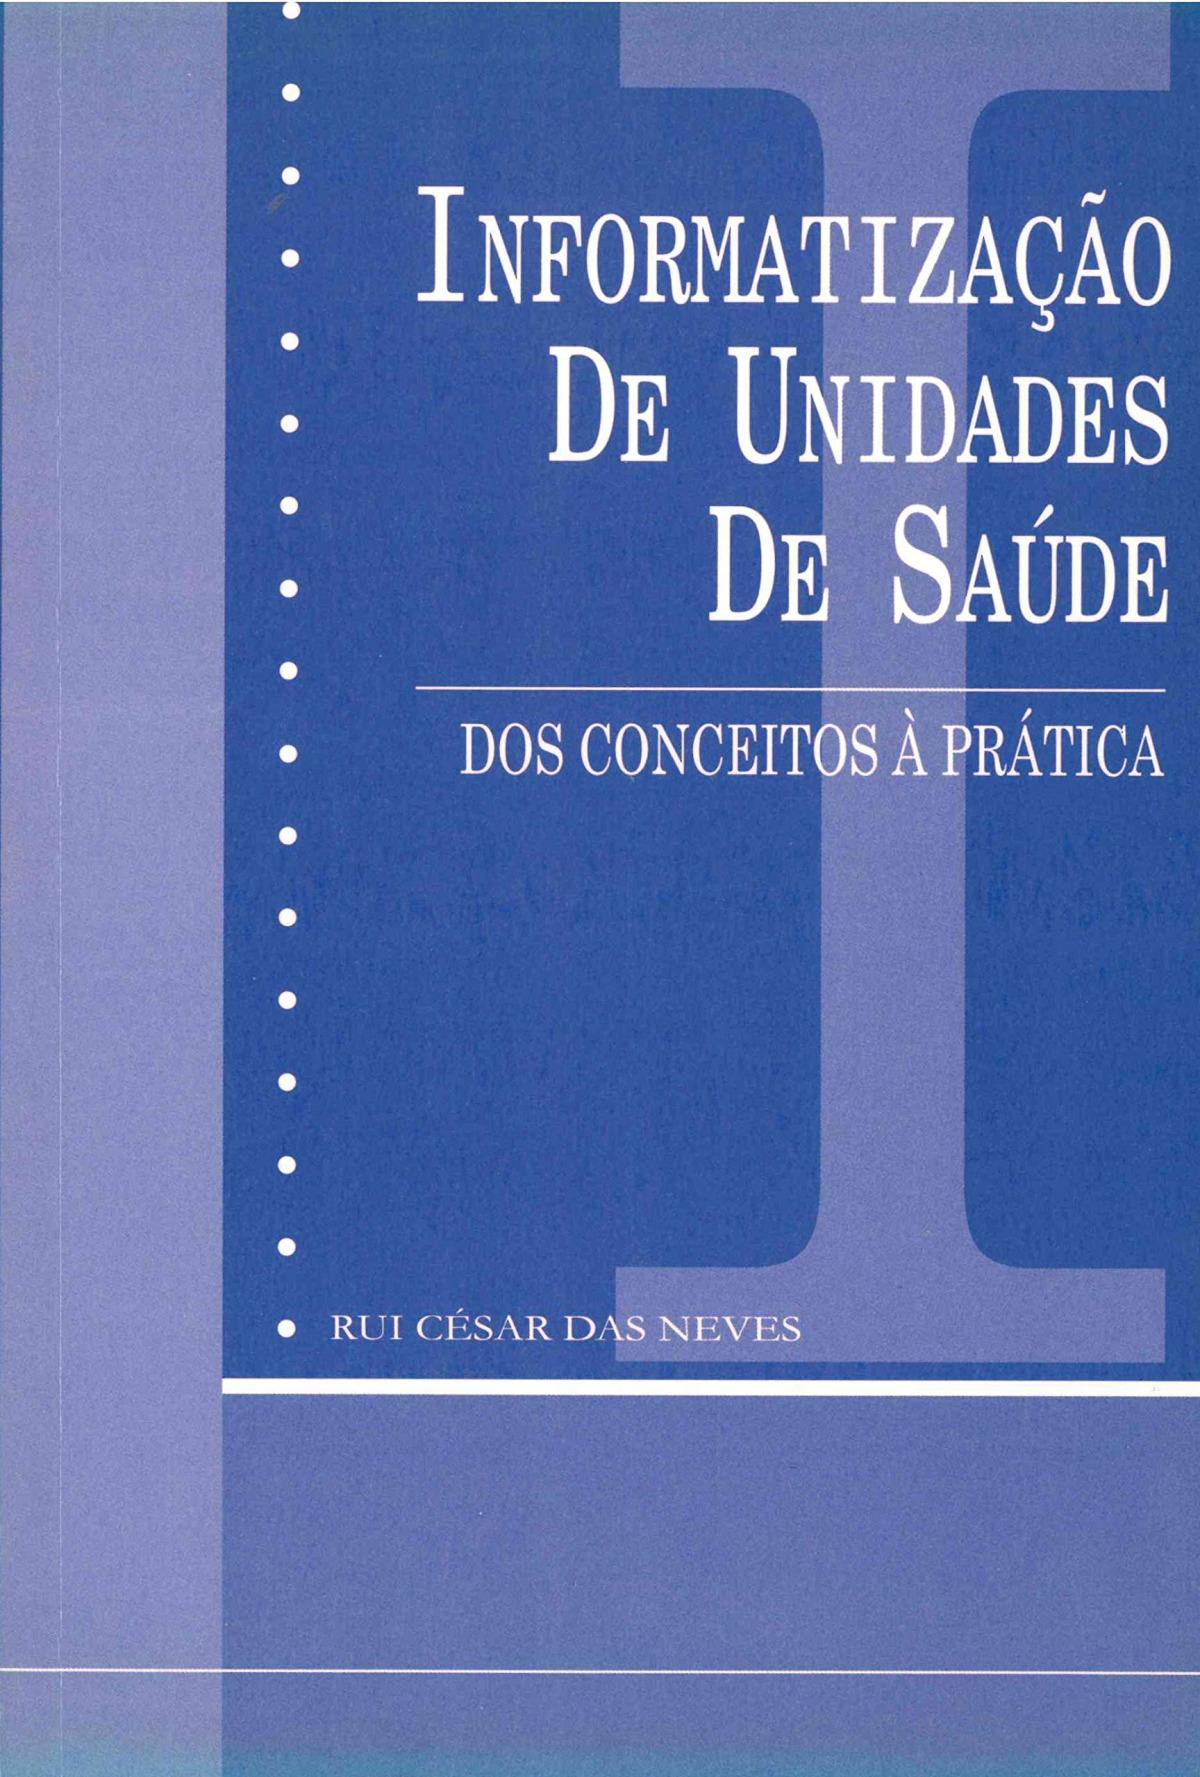 Informatizaçao das Unidades de Saude 9789728500481